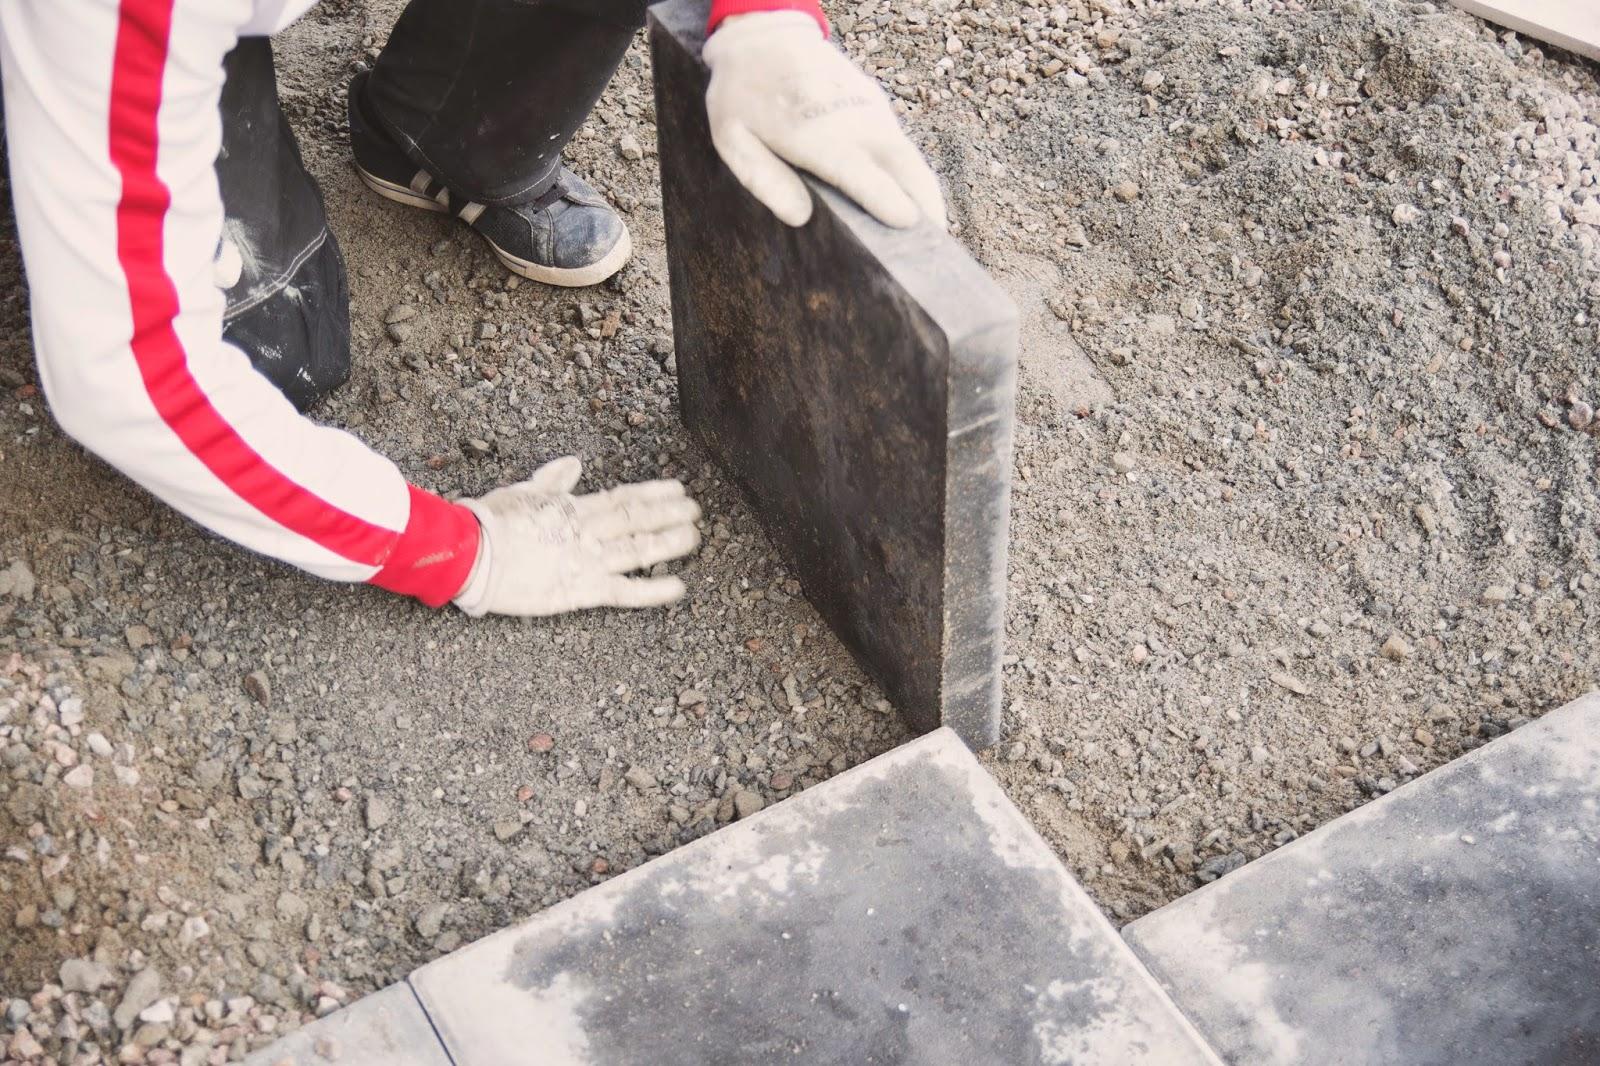 lägga plattor, betong, betongplattor, antracit, trädgårdsgång, gårdsgrus, anlägga trädgård, stenläggning,